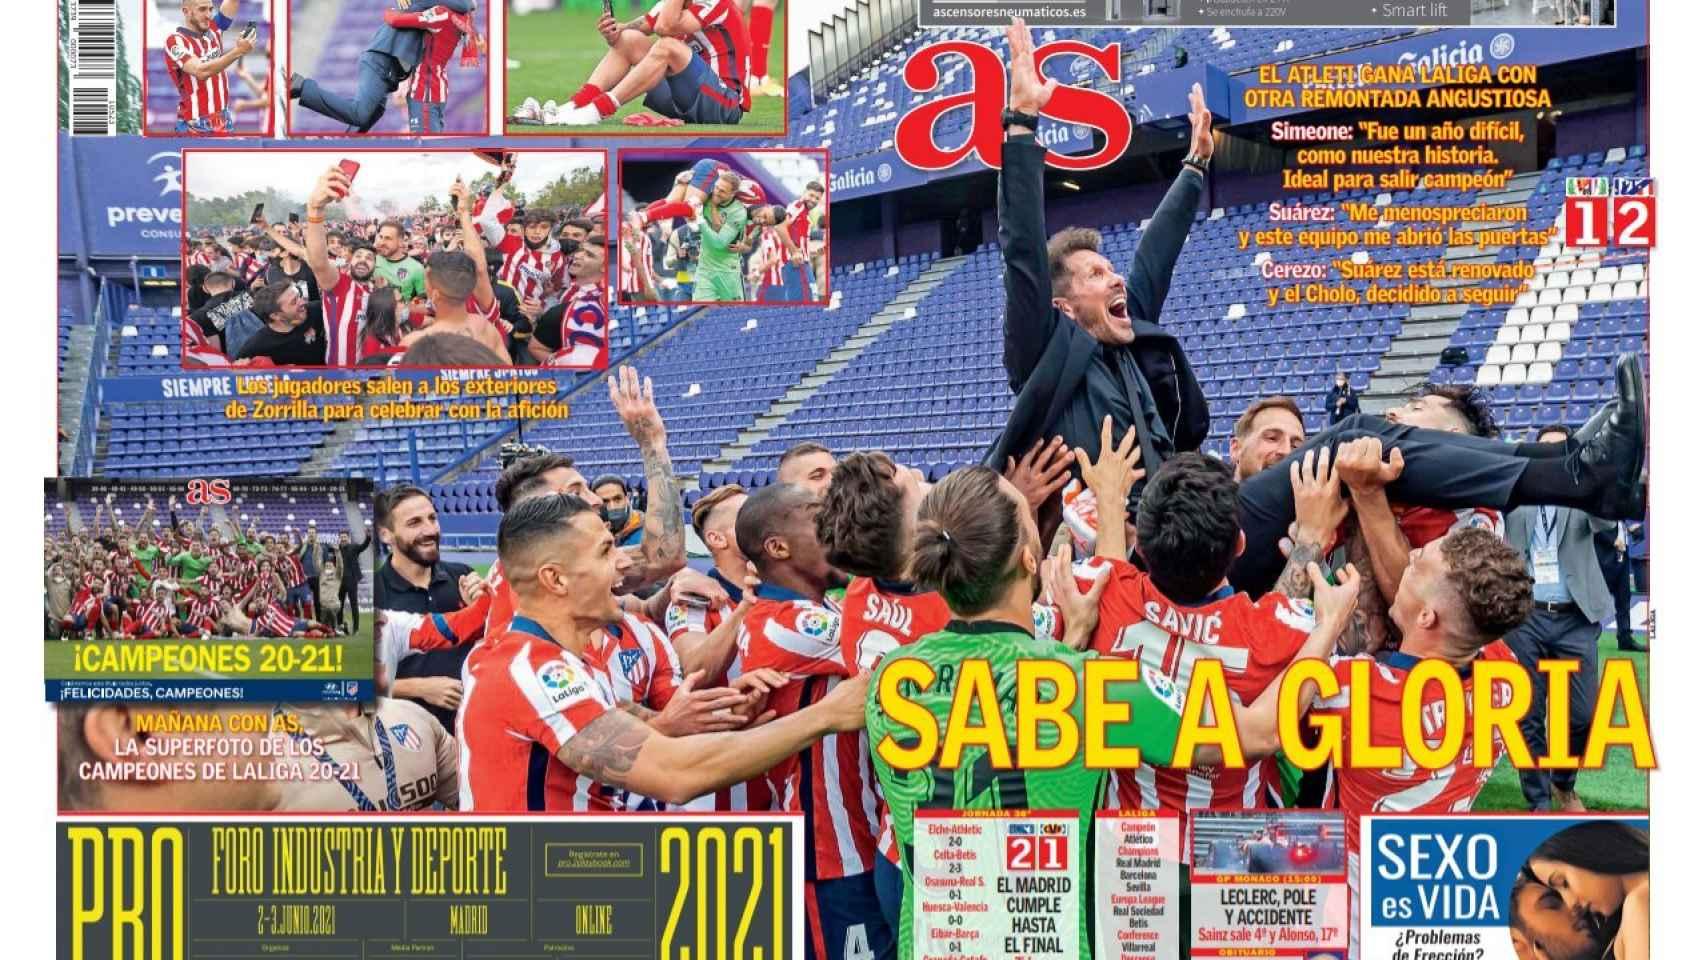 La portada del diario AS (23/05/2021)